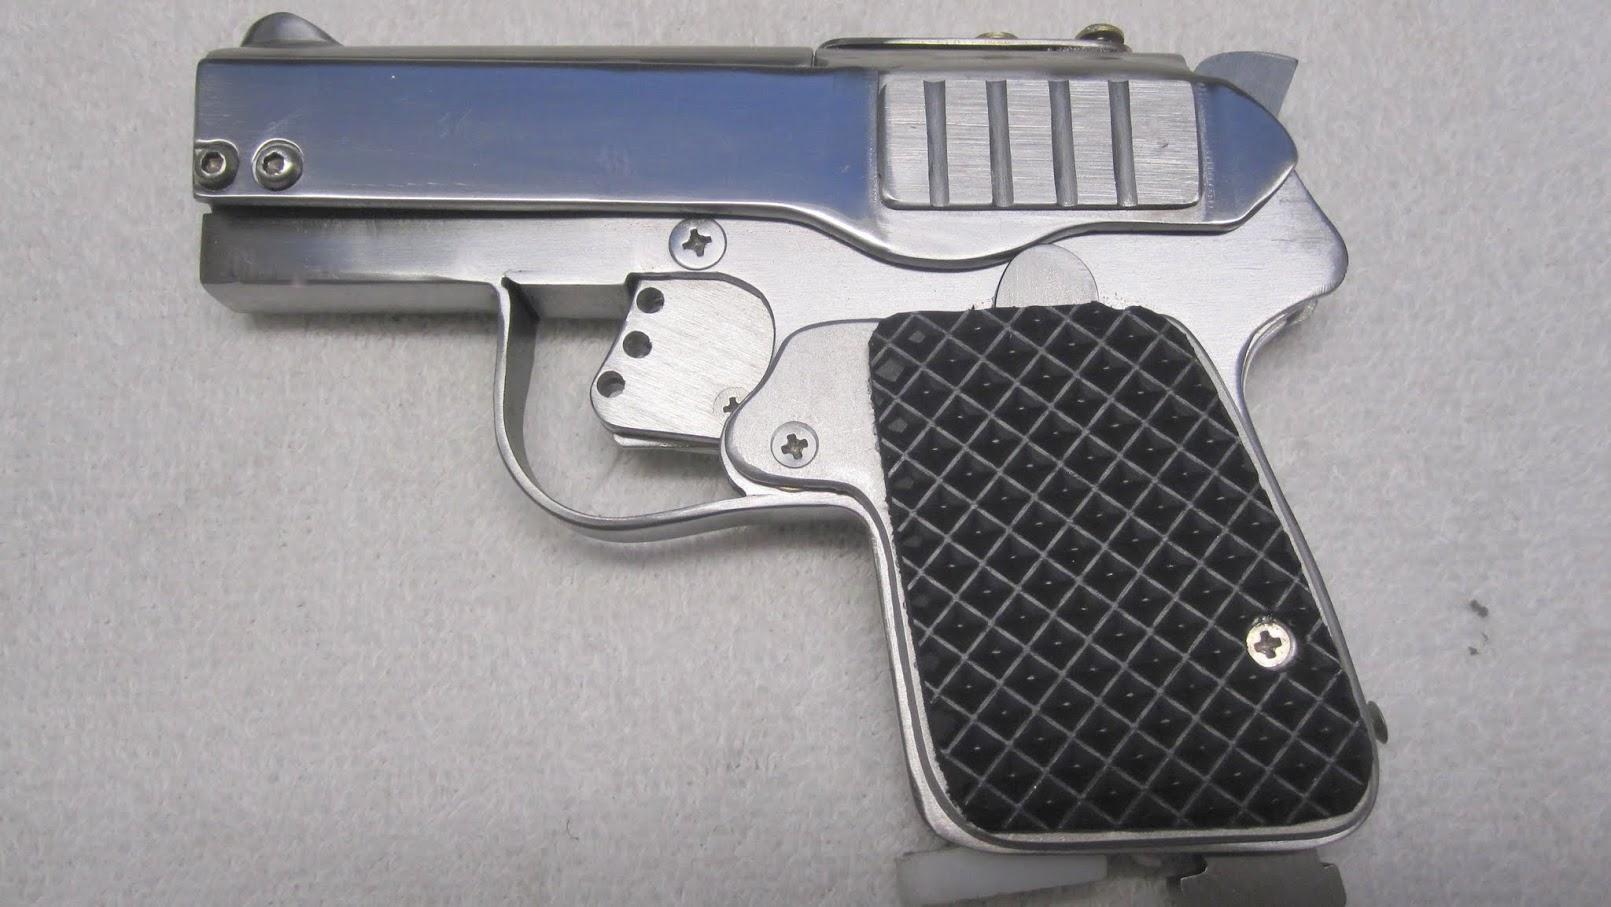 Meet the Krikit 25, the DIY Sheet Metal Pocket Pistol